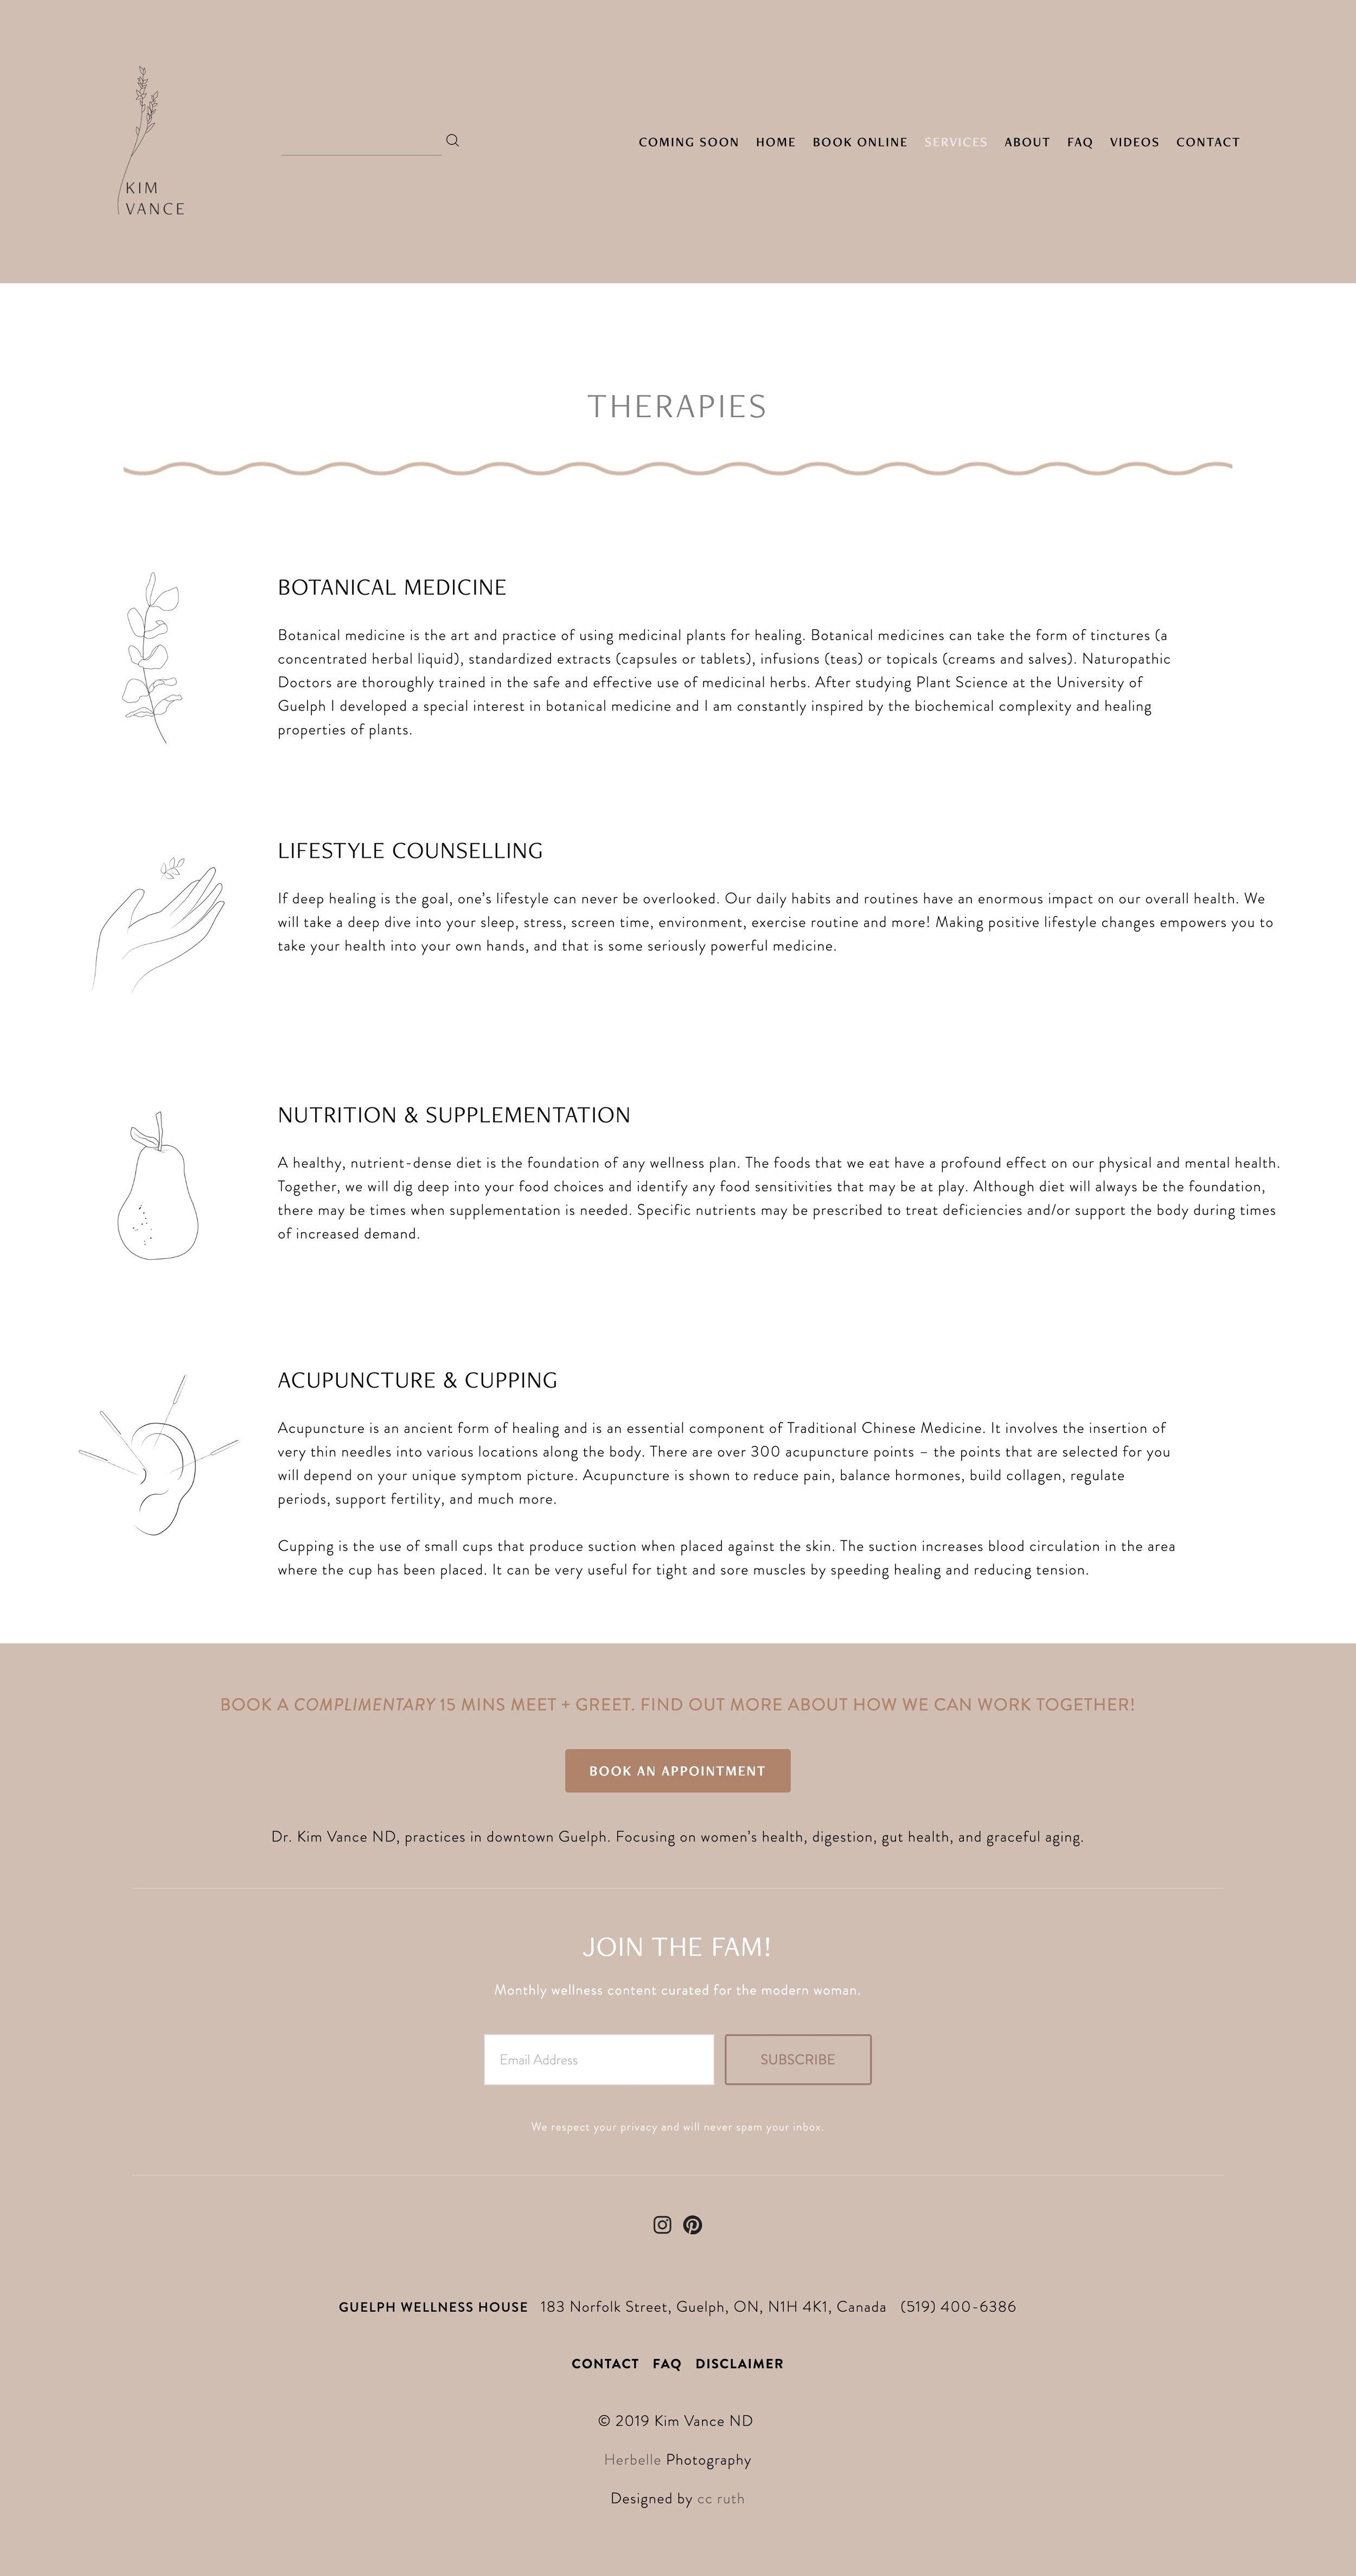 Custom illustrations for  Dr. kim vance nd